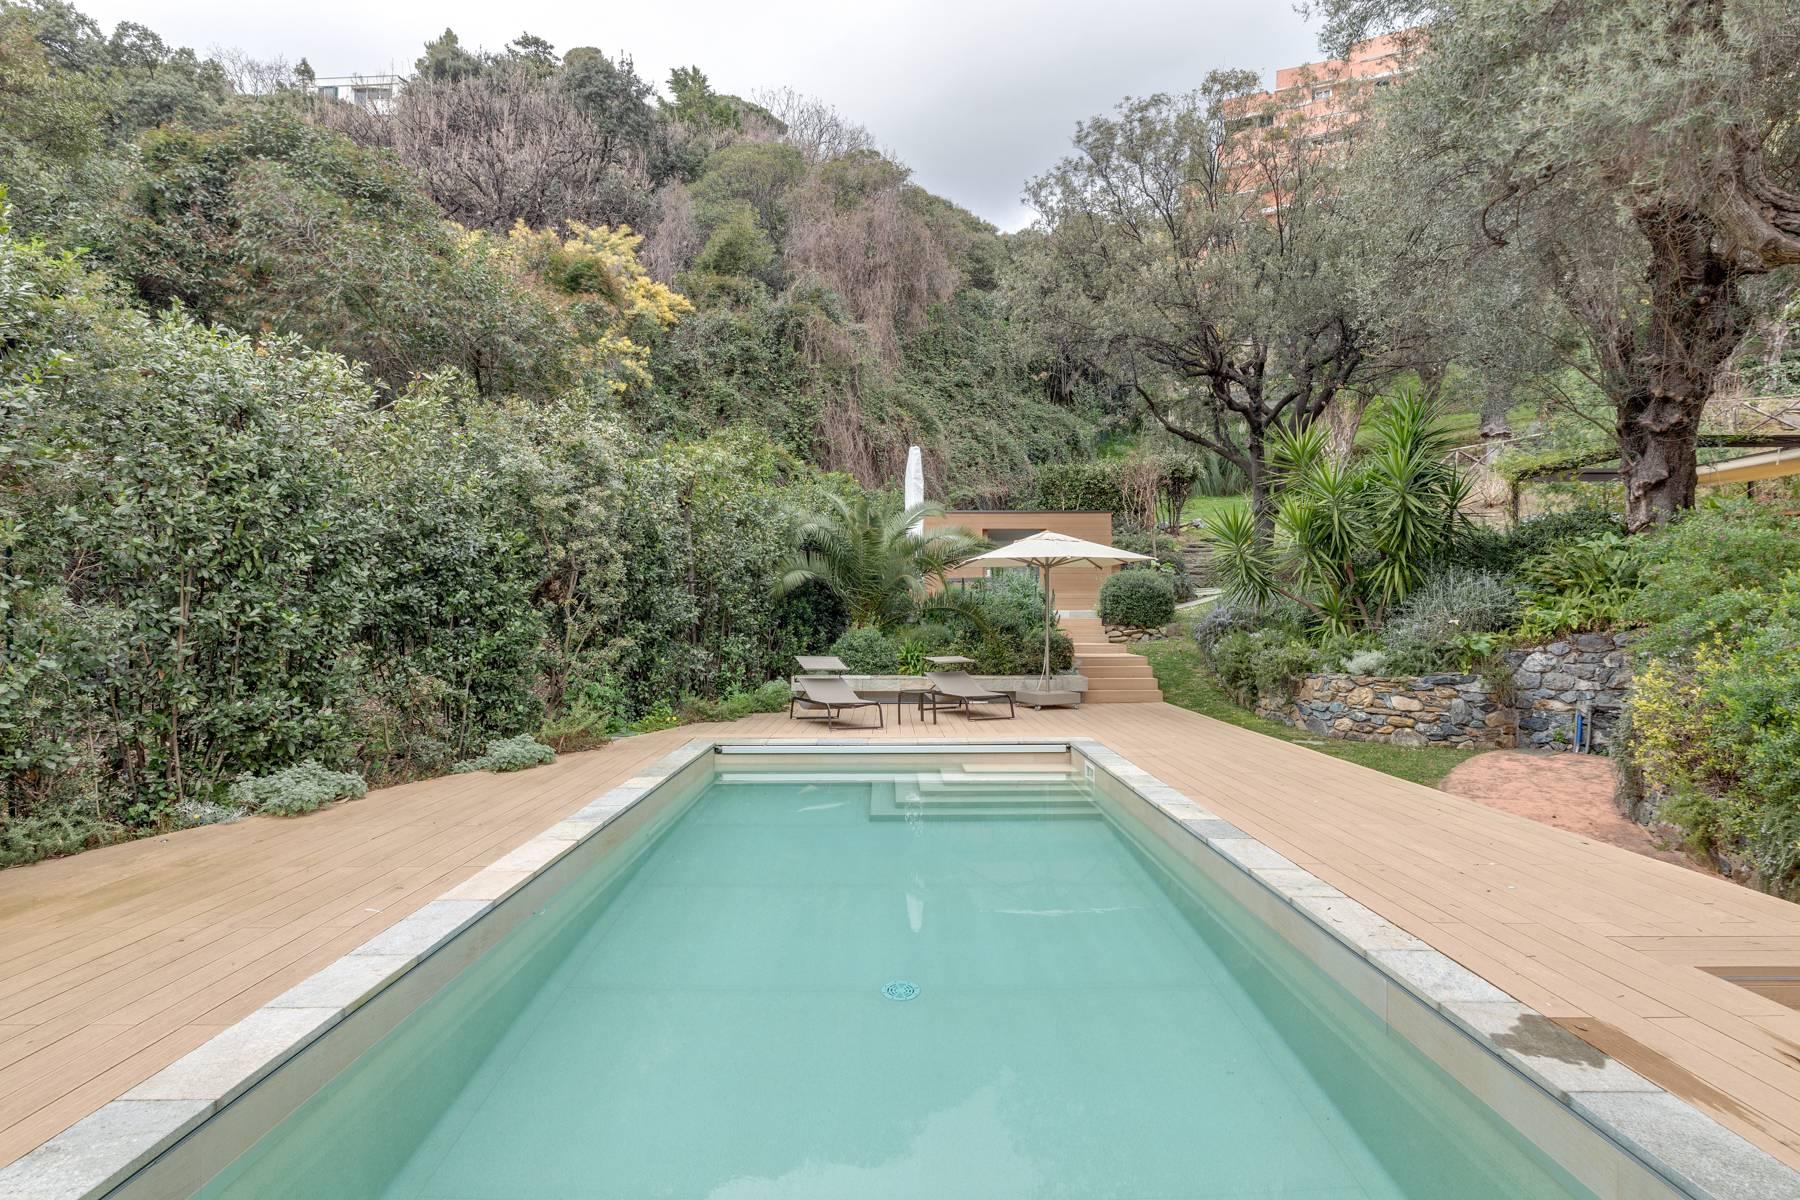 Villa in Vendita a Arenzano: 5 locali, 600 mq - Foto 8